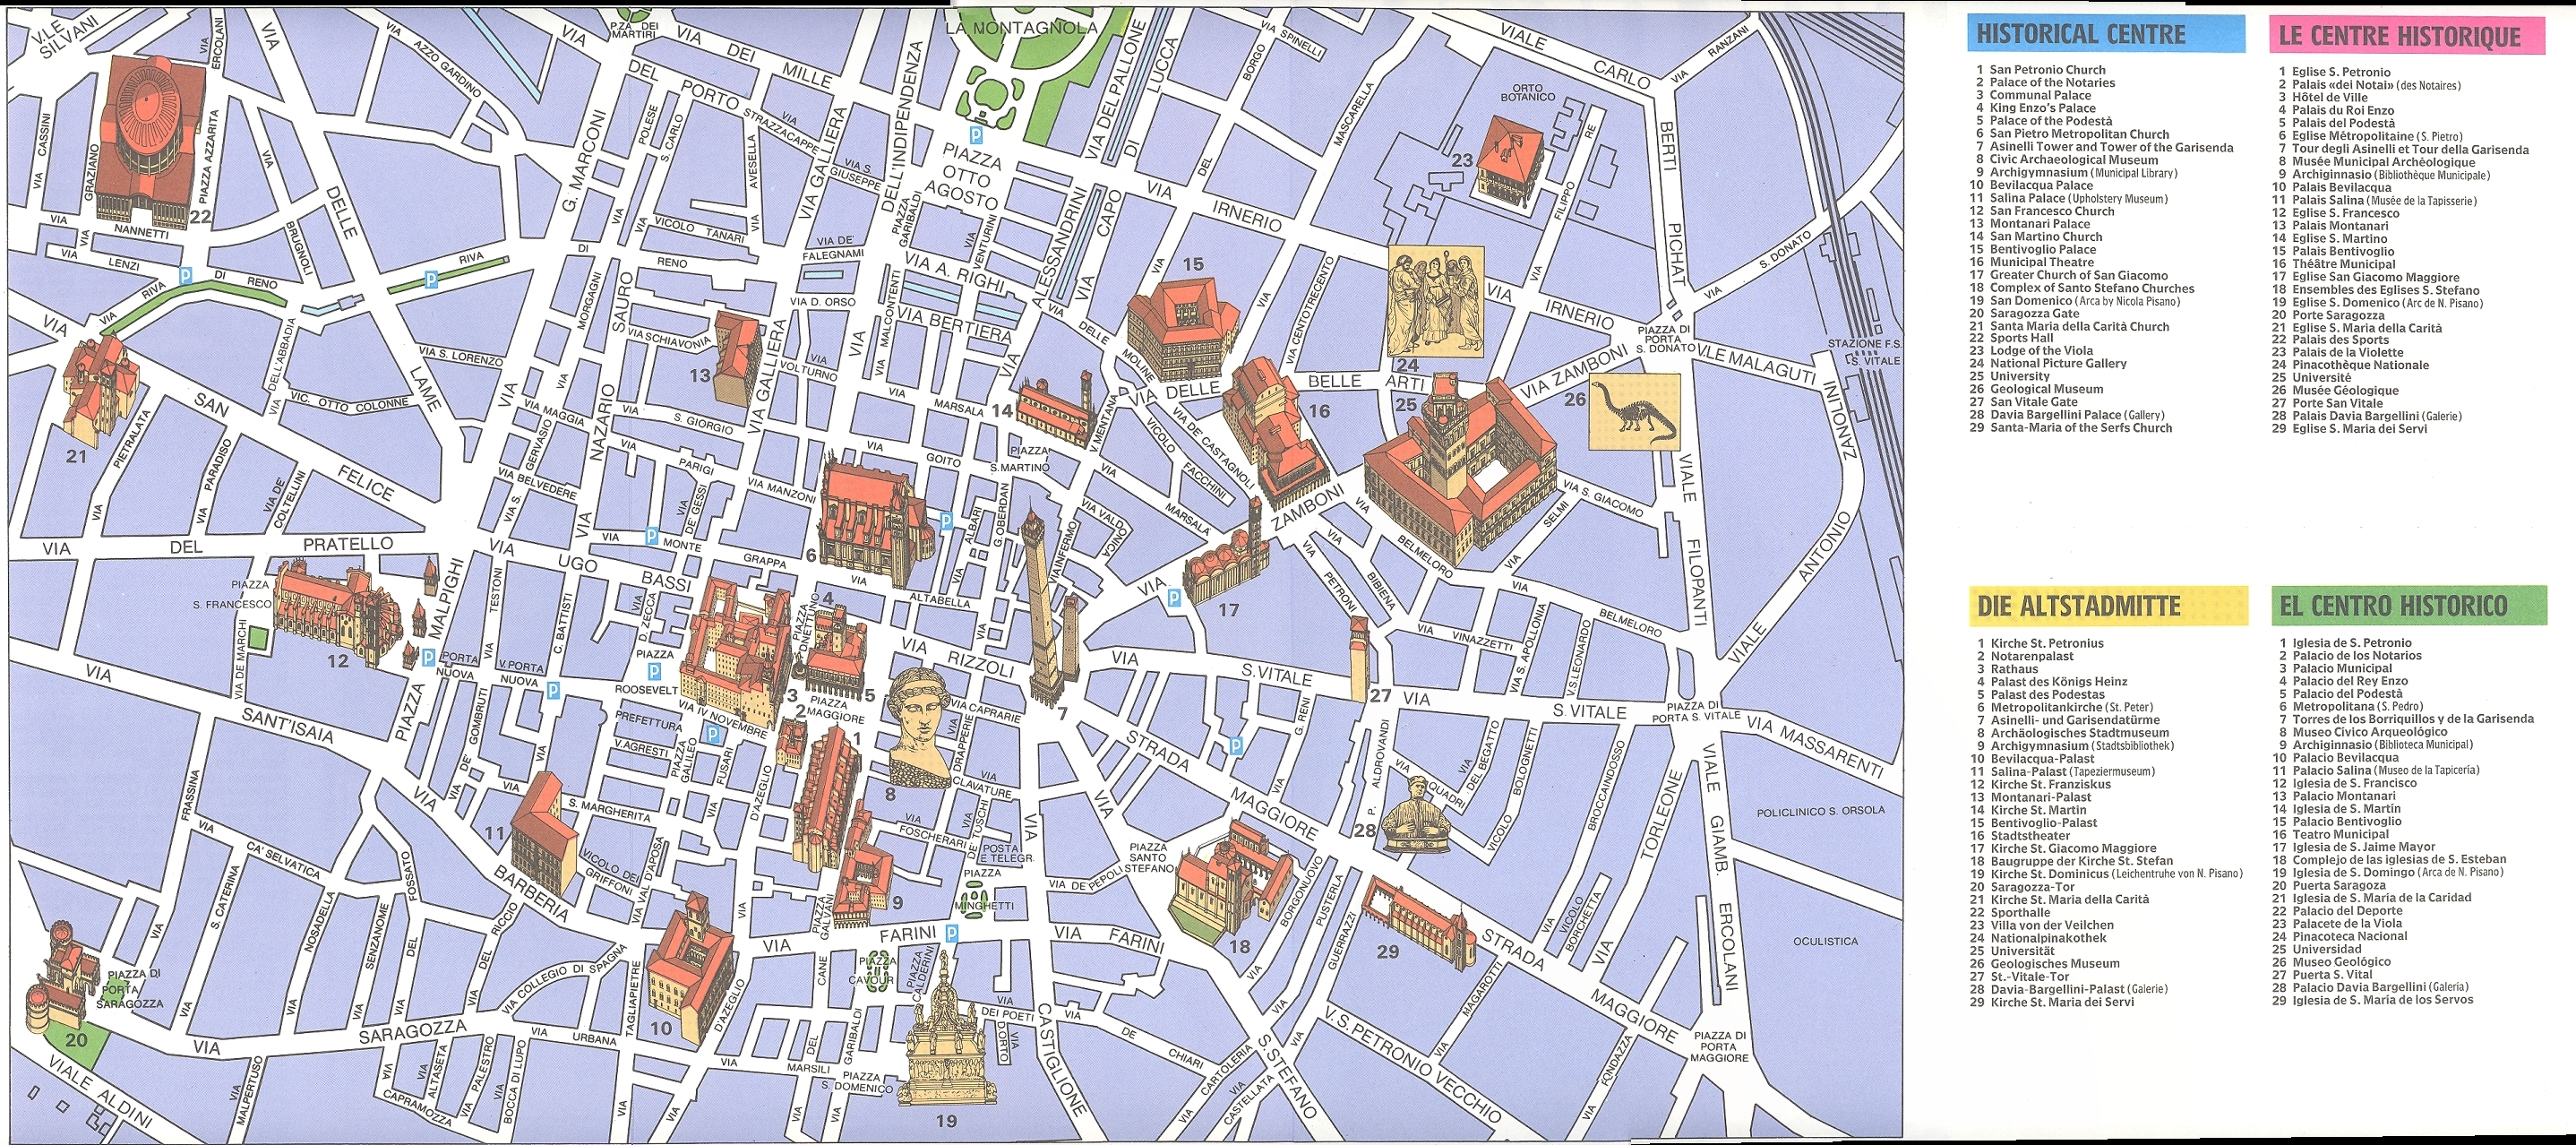 fintyre bologna map - photo#21